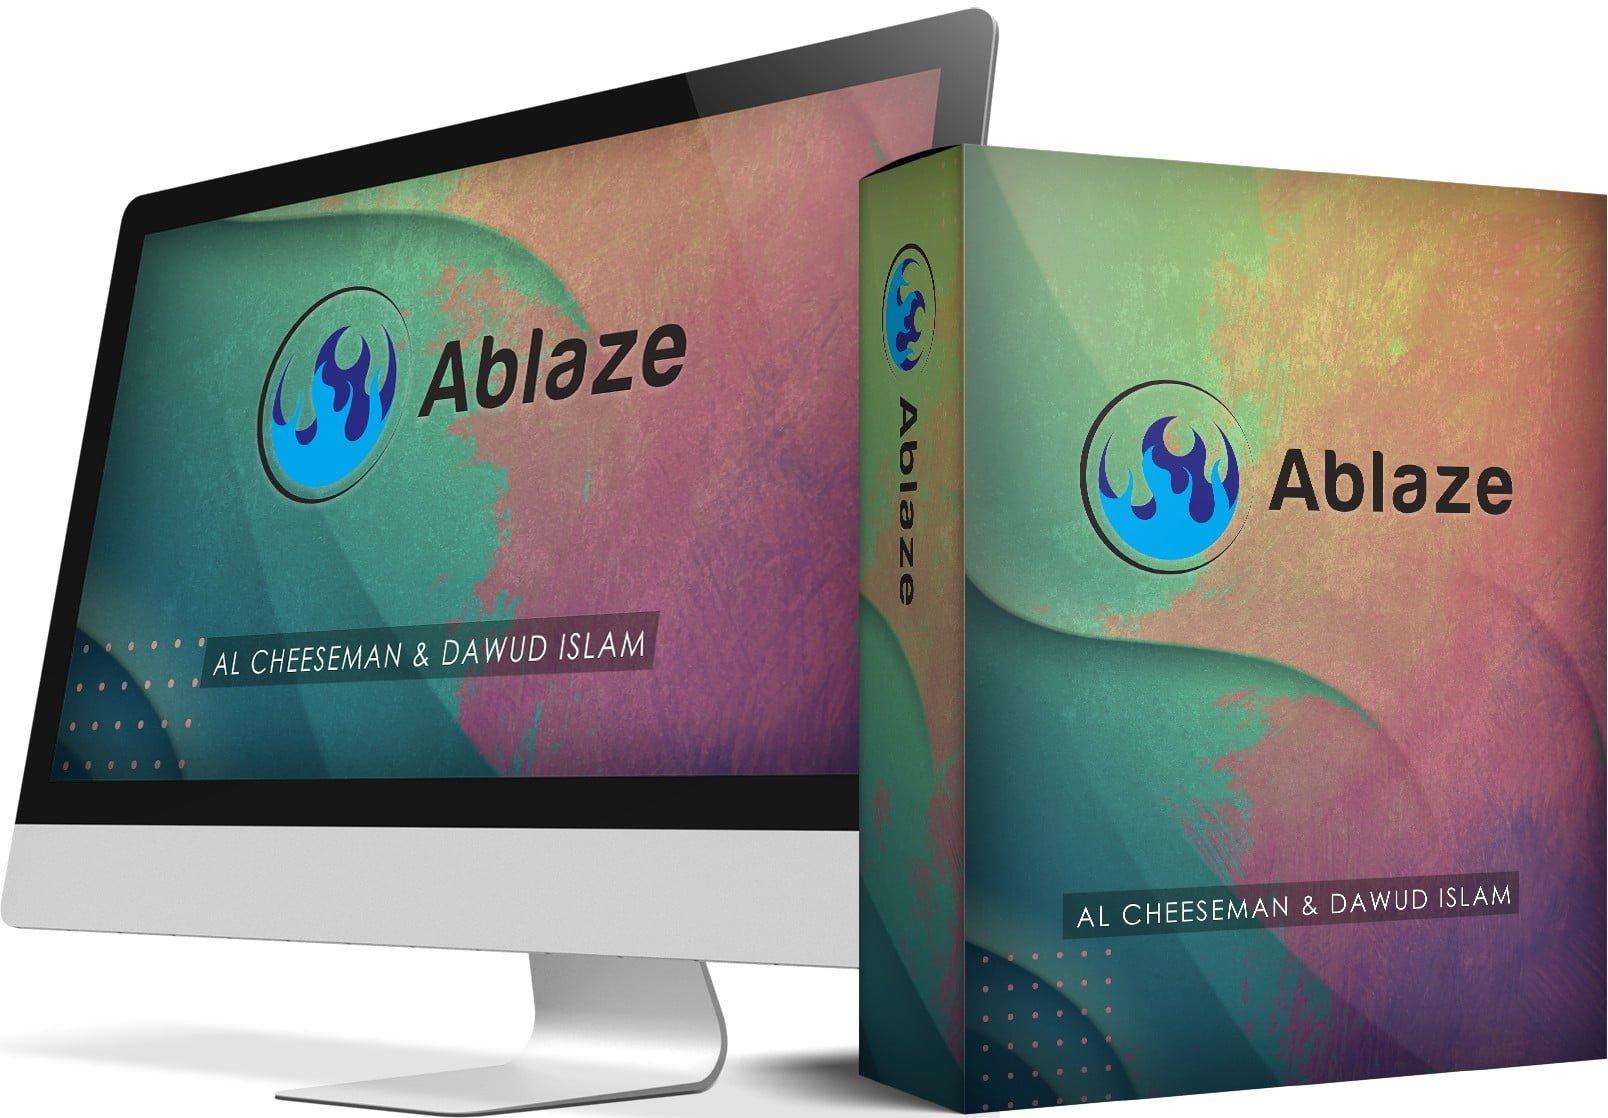 Ablaze-review